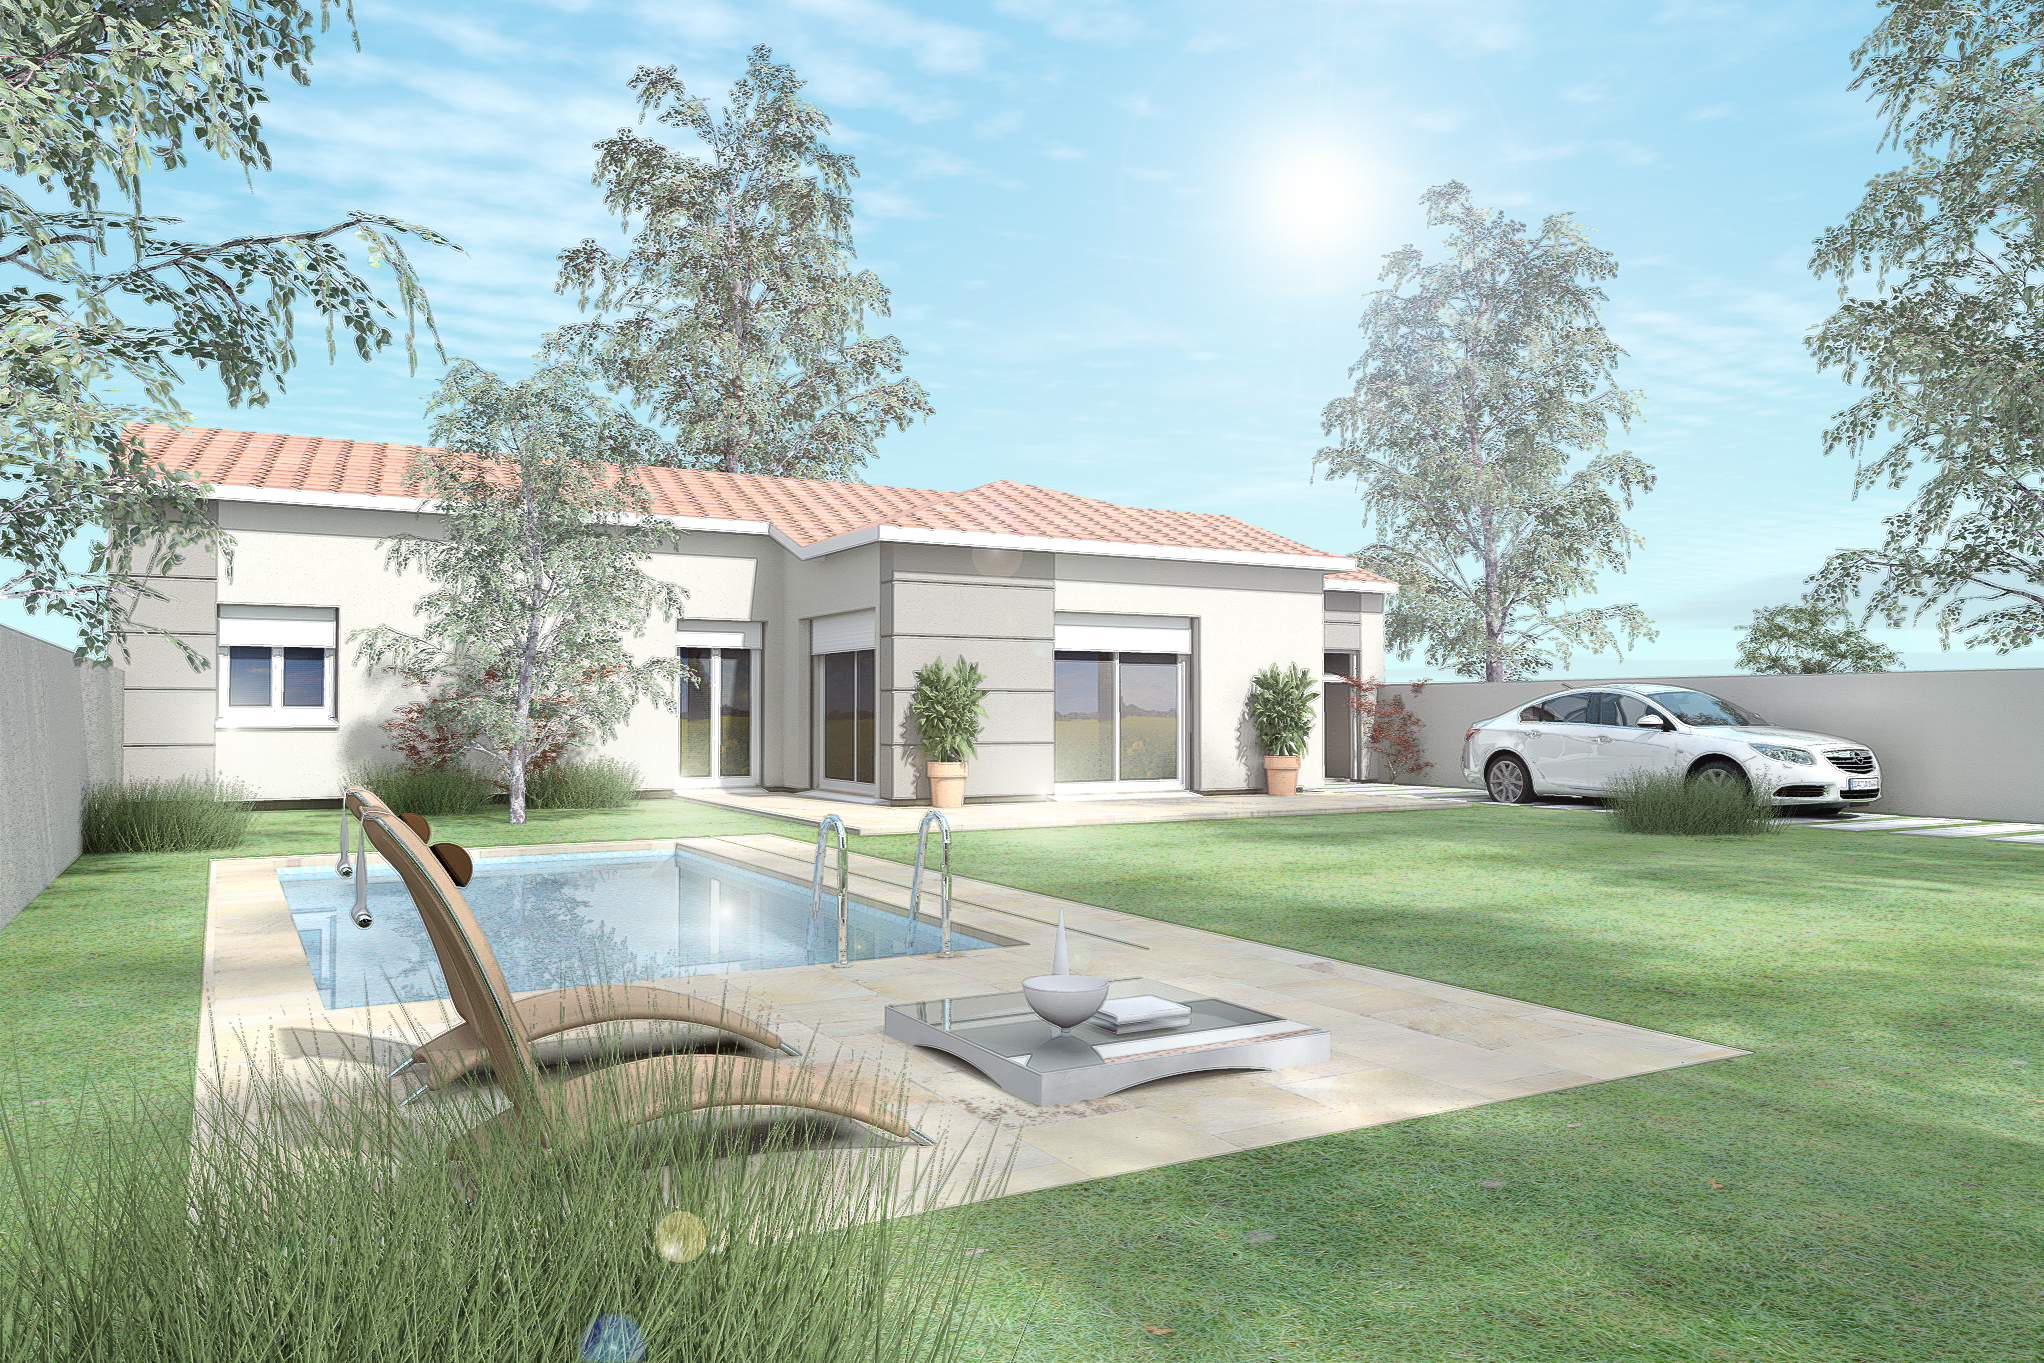 Maisons du constructeur MAISON DU DAUPHINE • 65 m² • ROMANS SUR ISERE